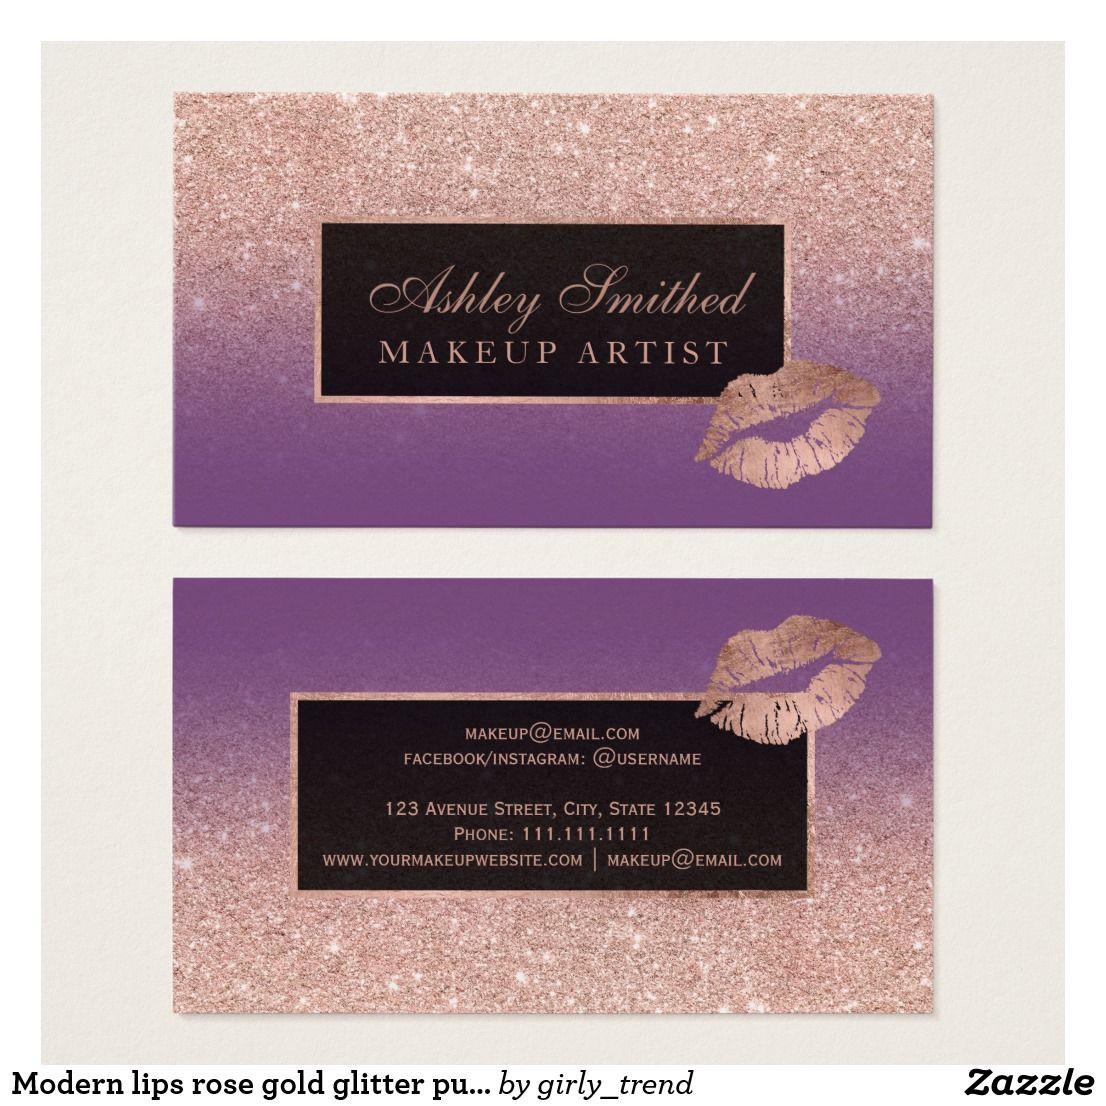 Modern lips rose gold glitter purple ombre makeup business card ...